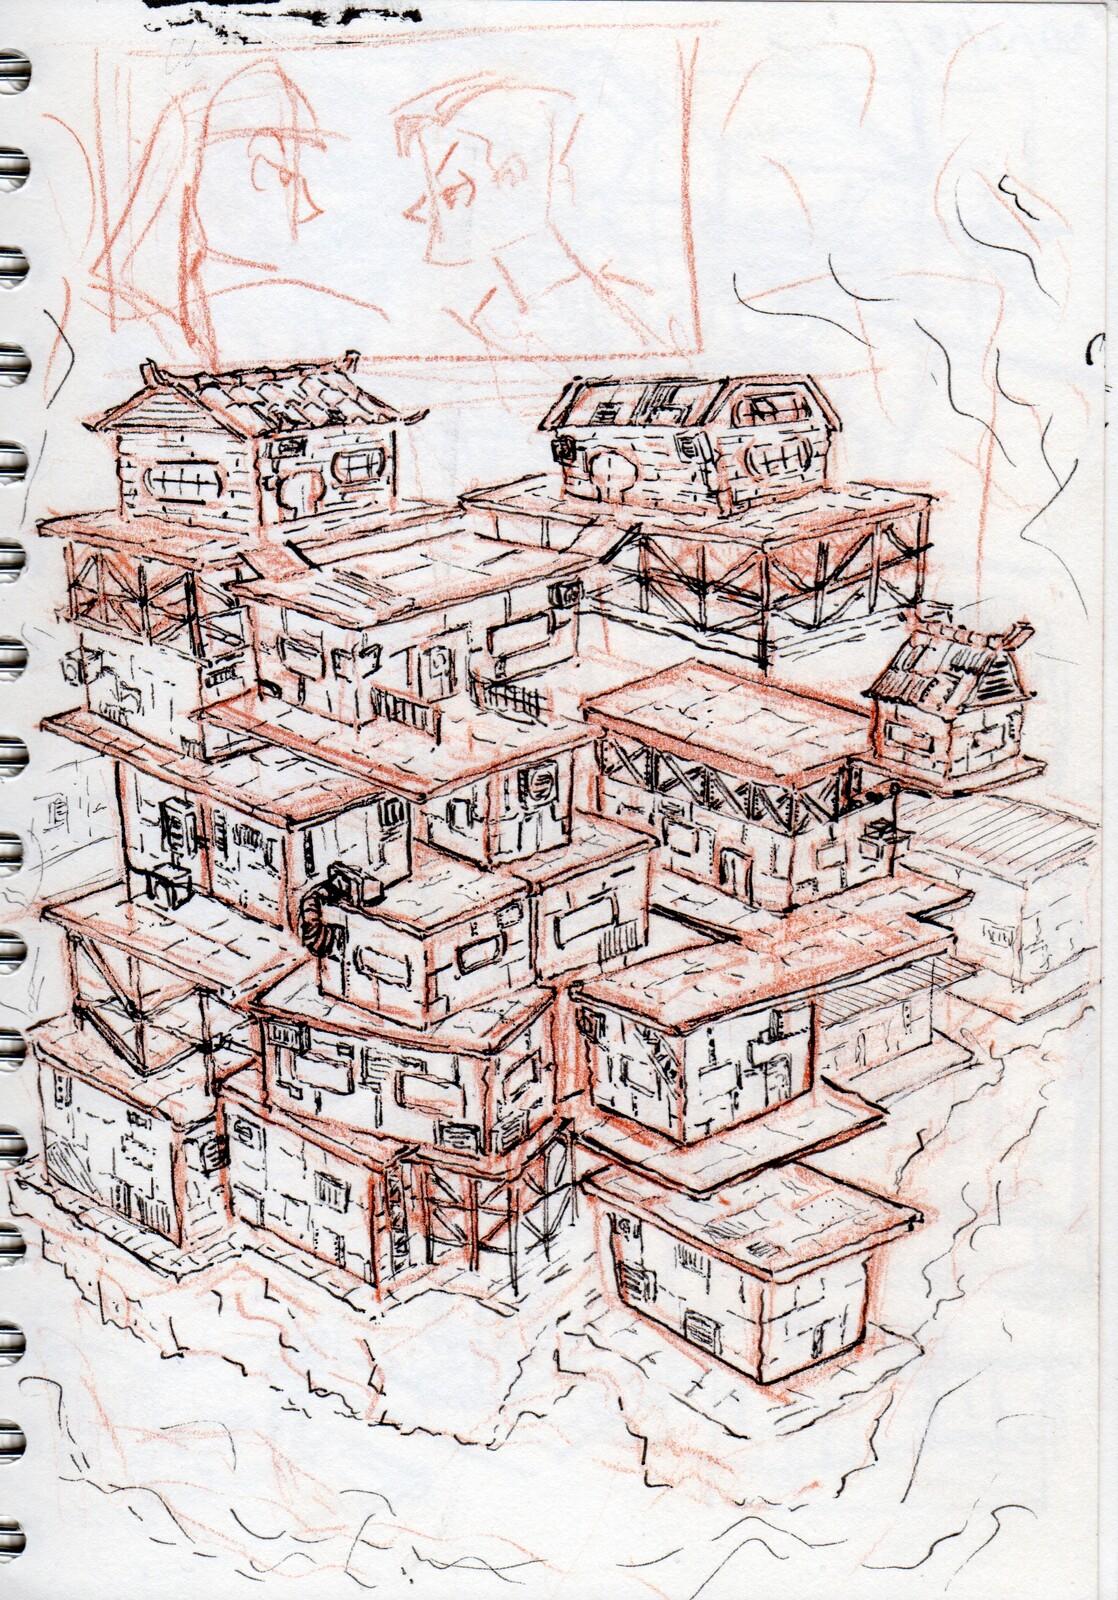 Sky City Sketch.